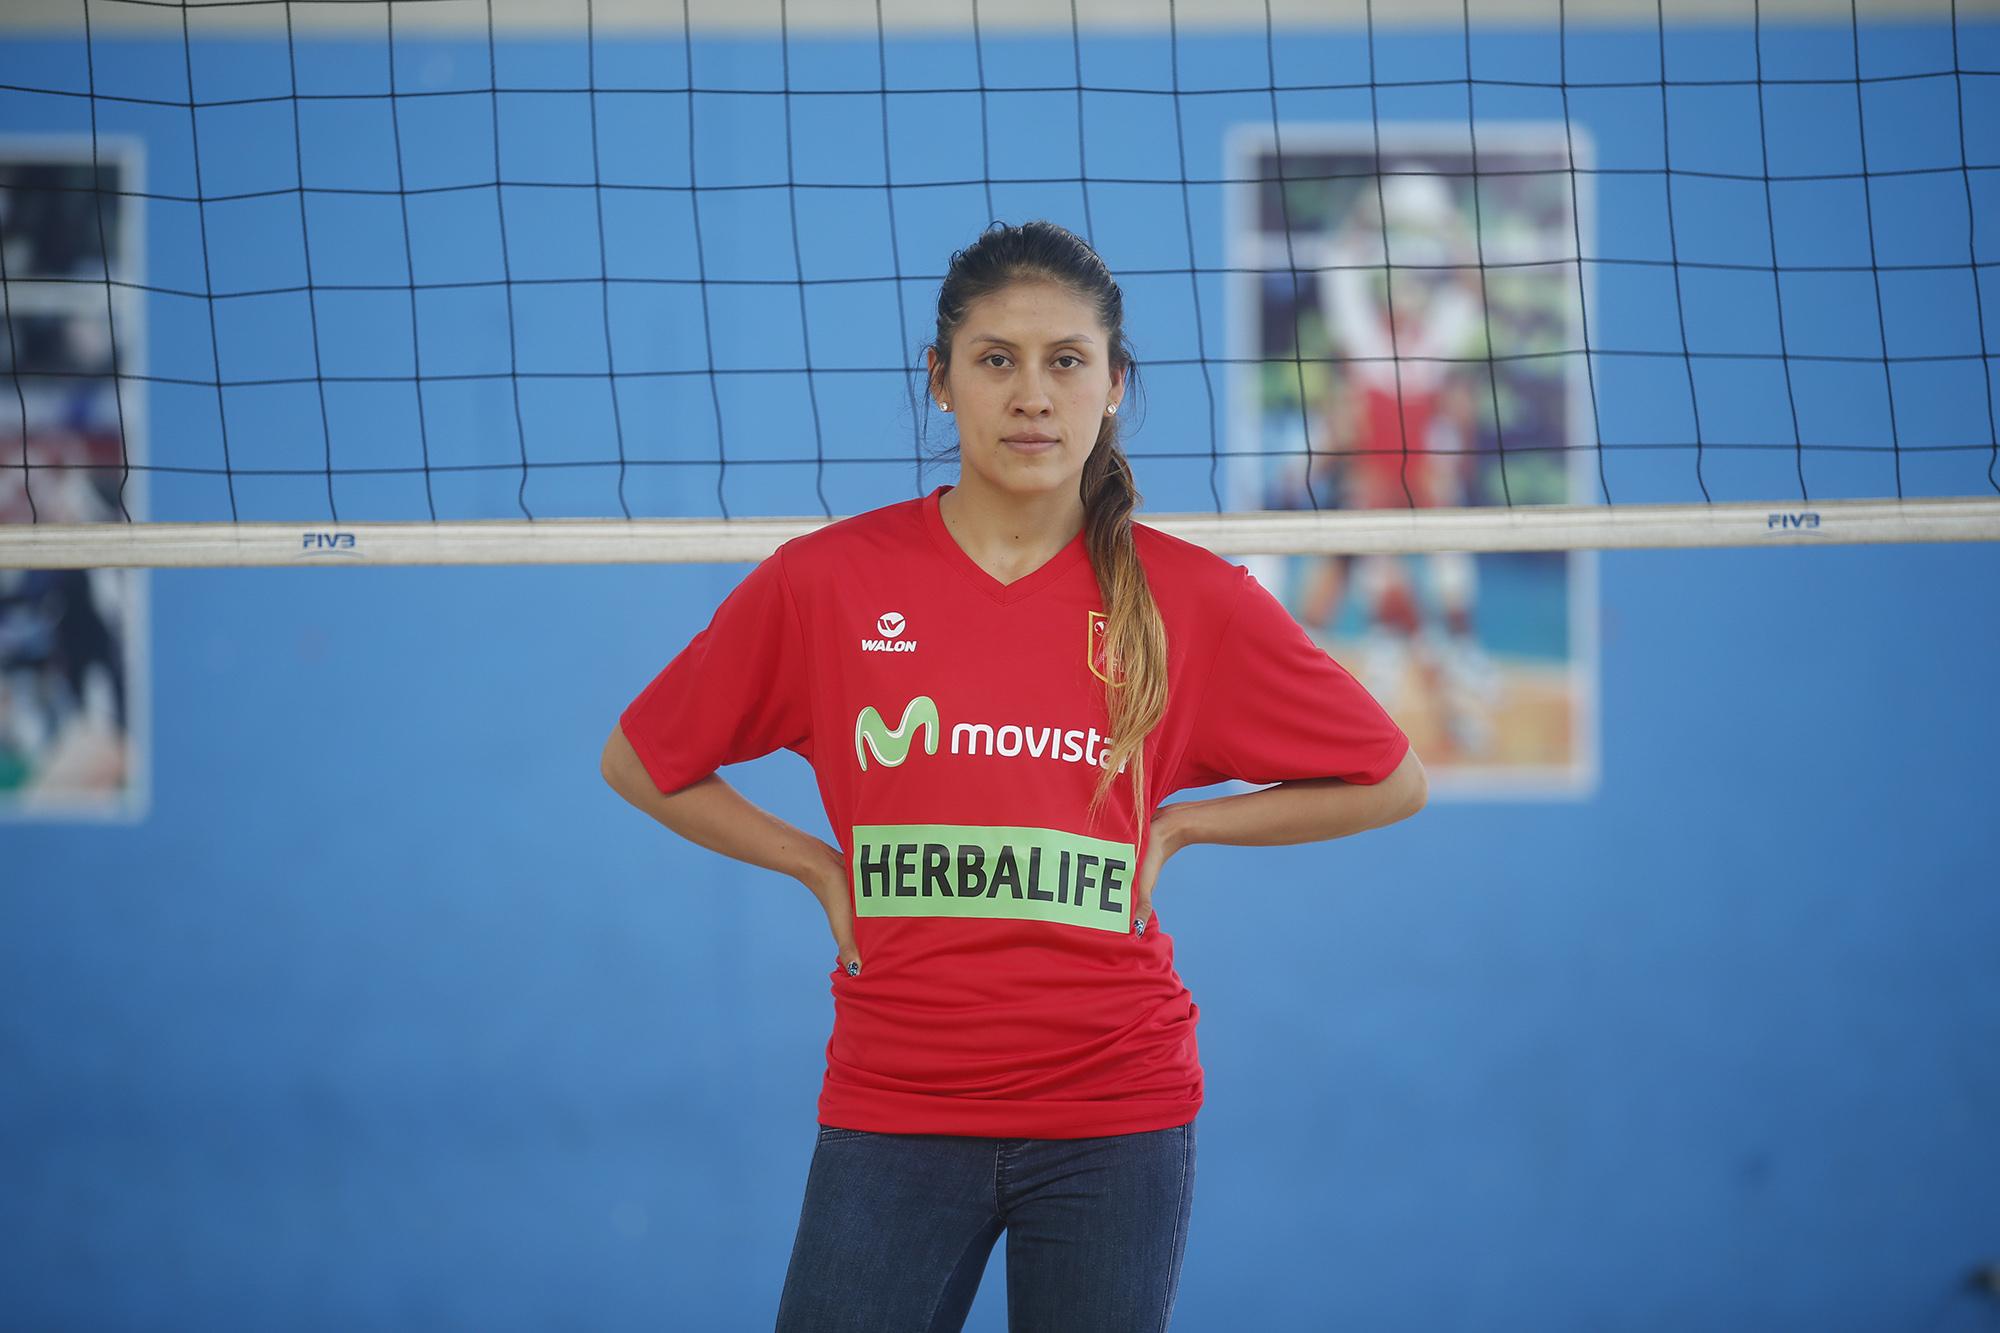 Nathalie Andrea Sandoval Padilla